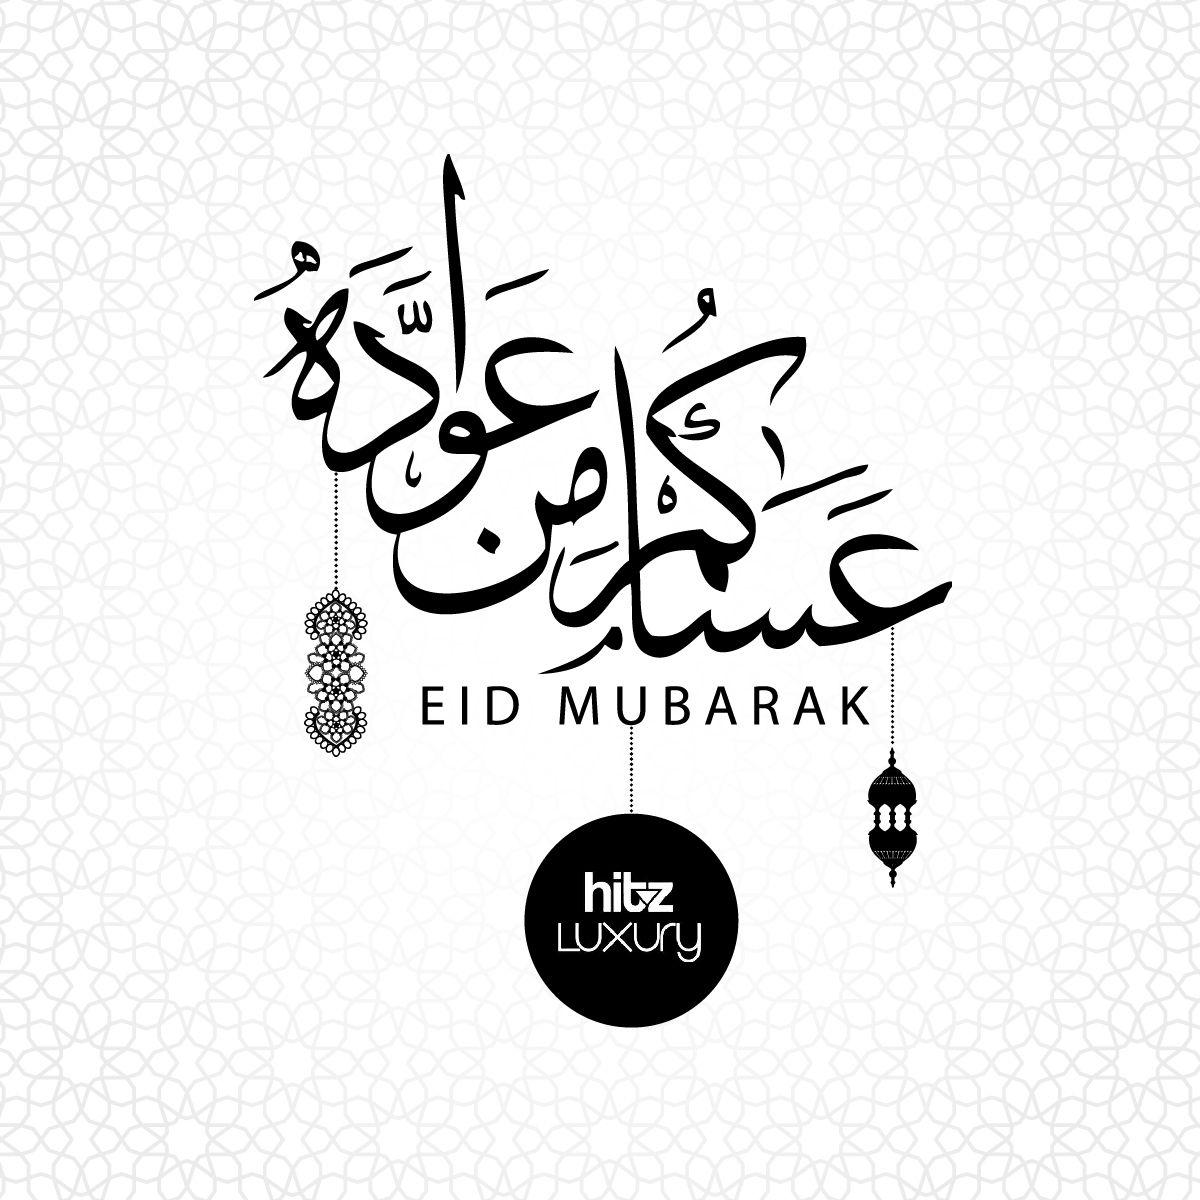 تقبل الله منا ومنكم صالح الأعمال عساكم من عواده Eid Mubarak Eid Cards Eid Greetings Eid Mubarak Hd Images